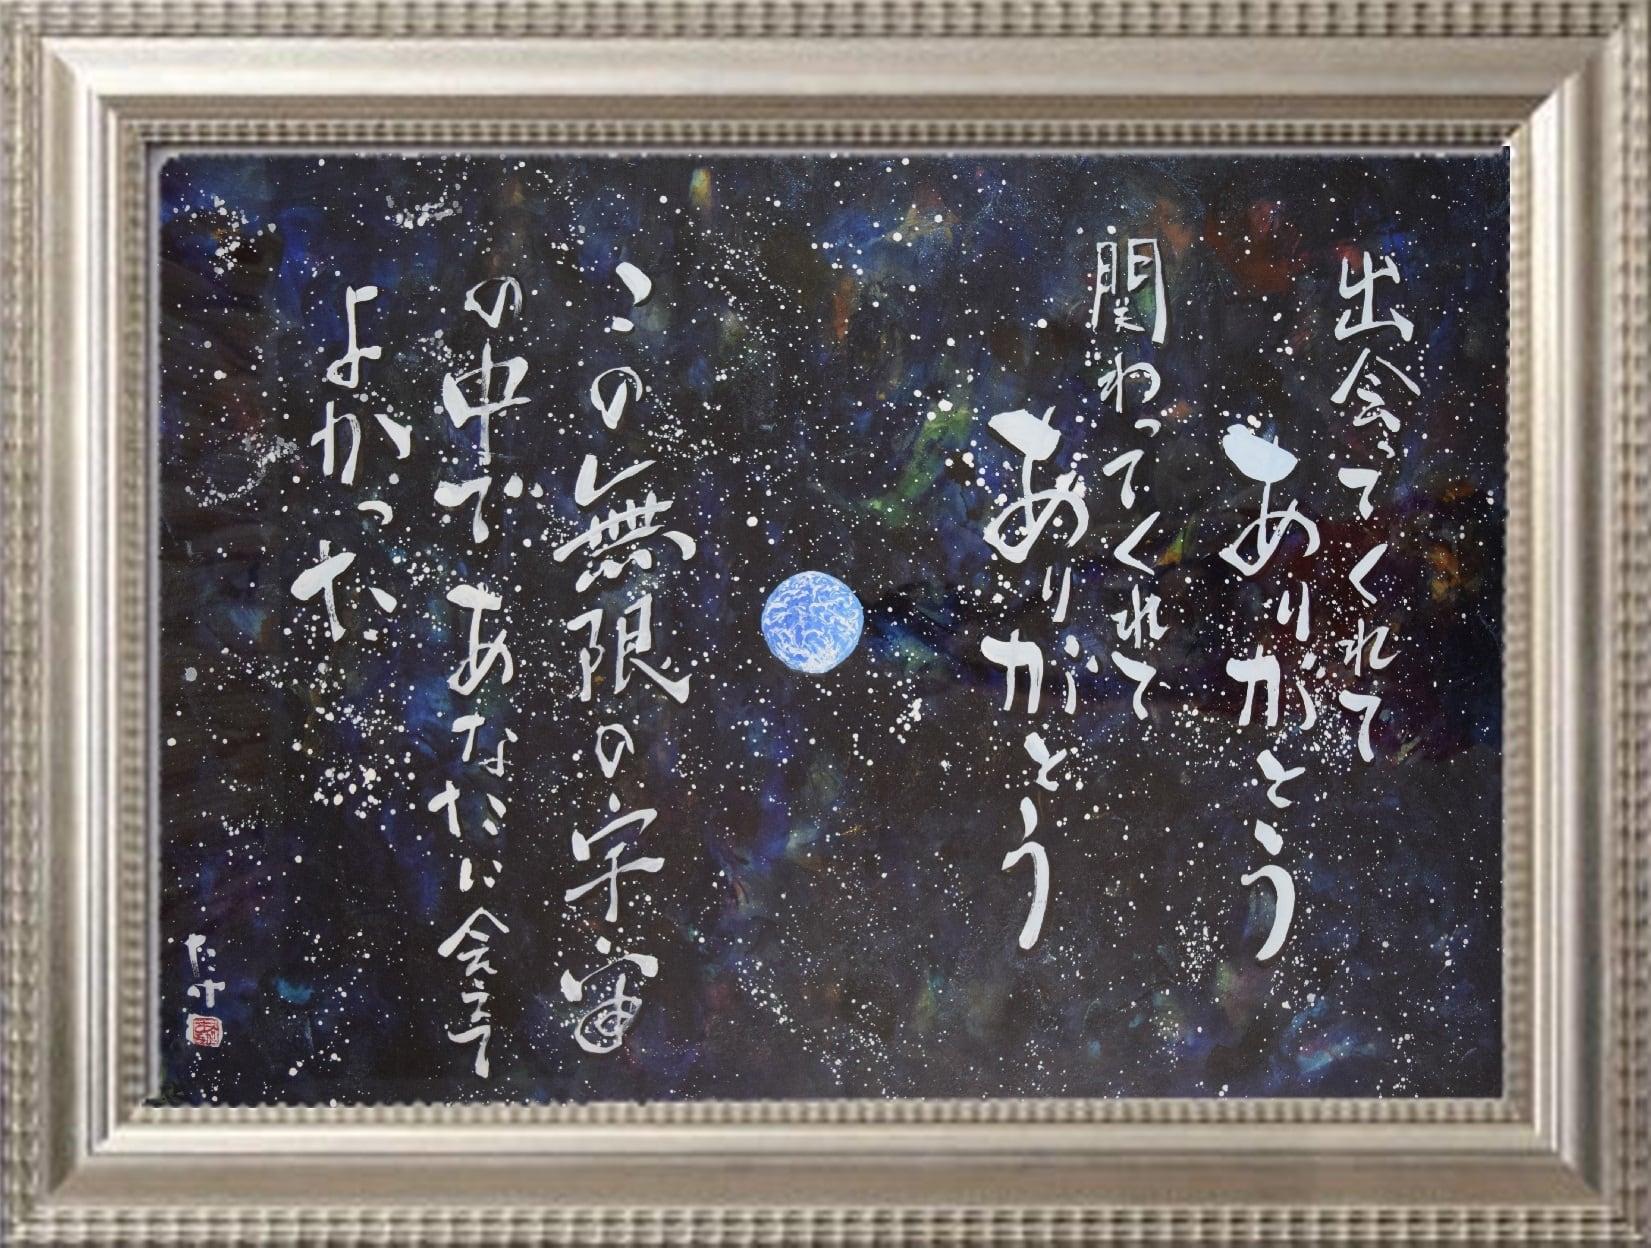 「無限の宇宙」(原画/額付)1,096mm×792mm